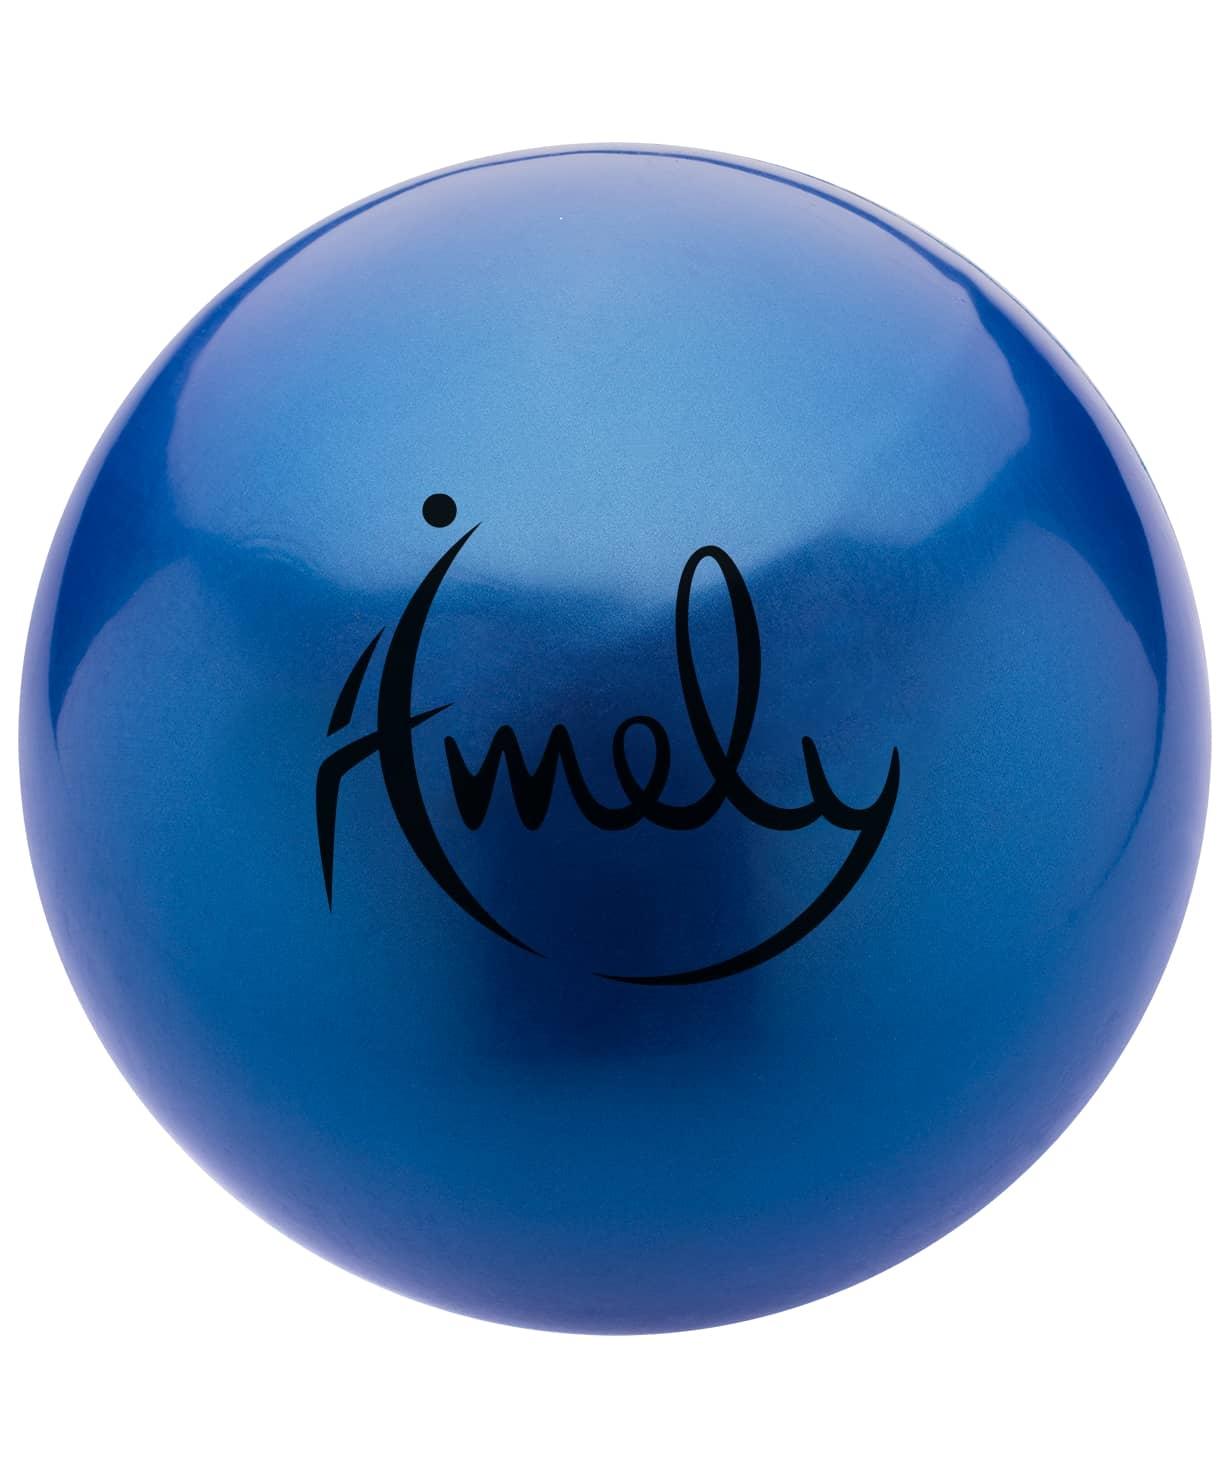 Мяч для художественной гимнастики Amely AGB-301 19 см, синий